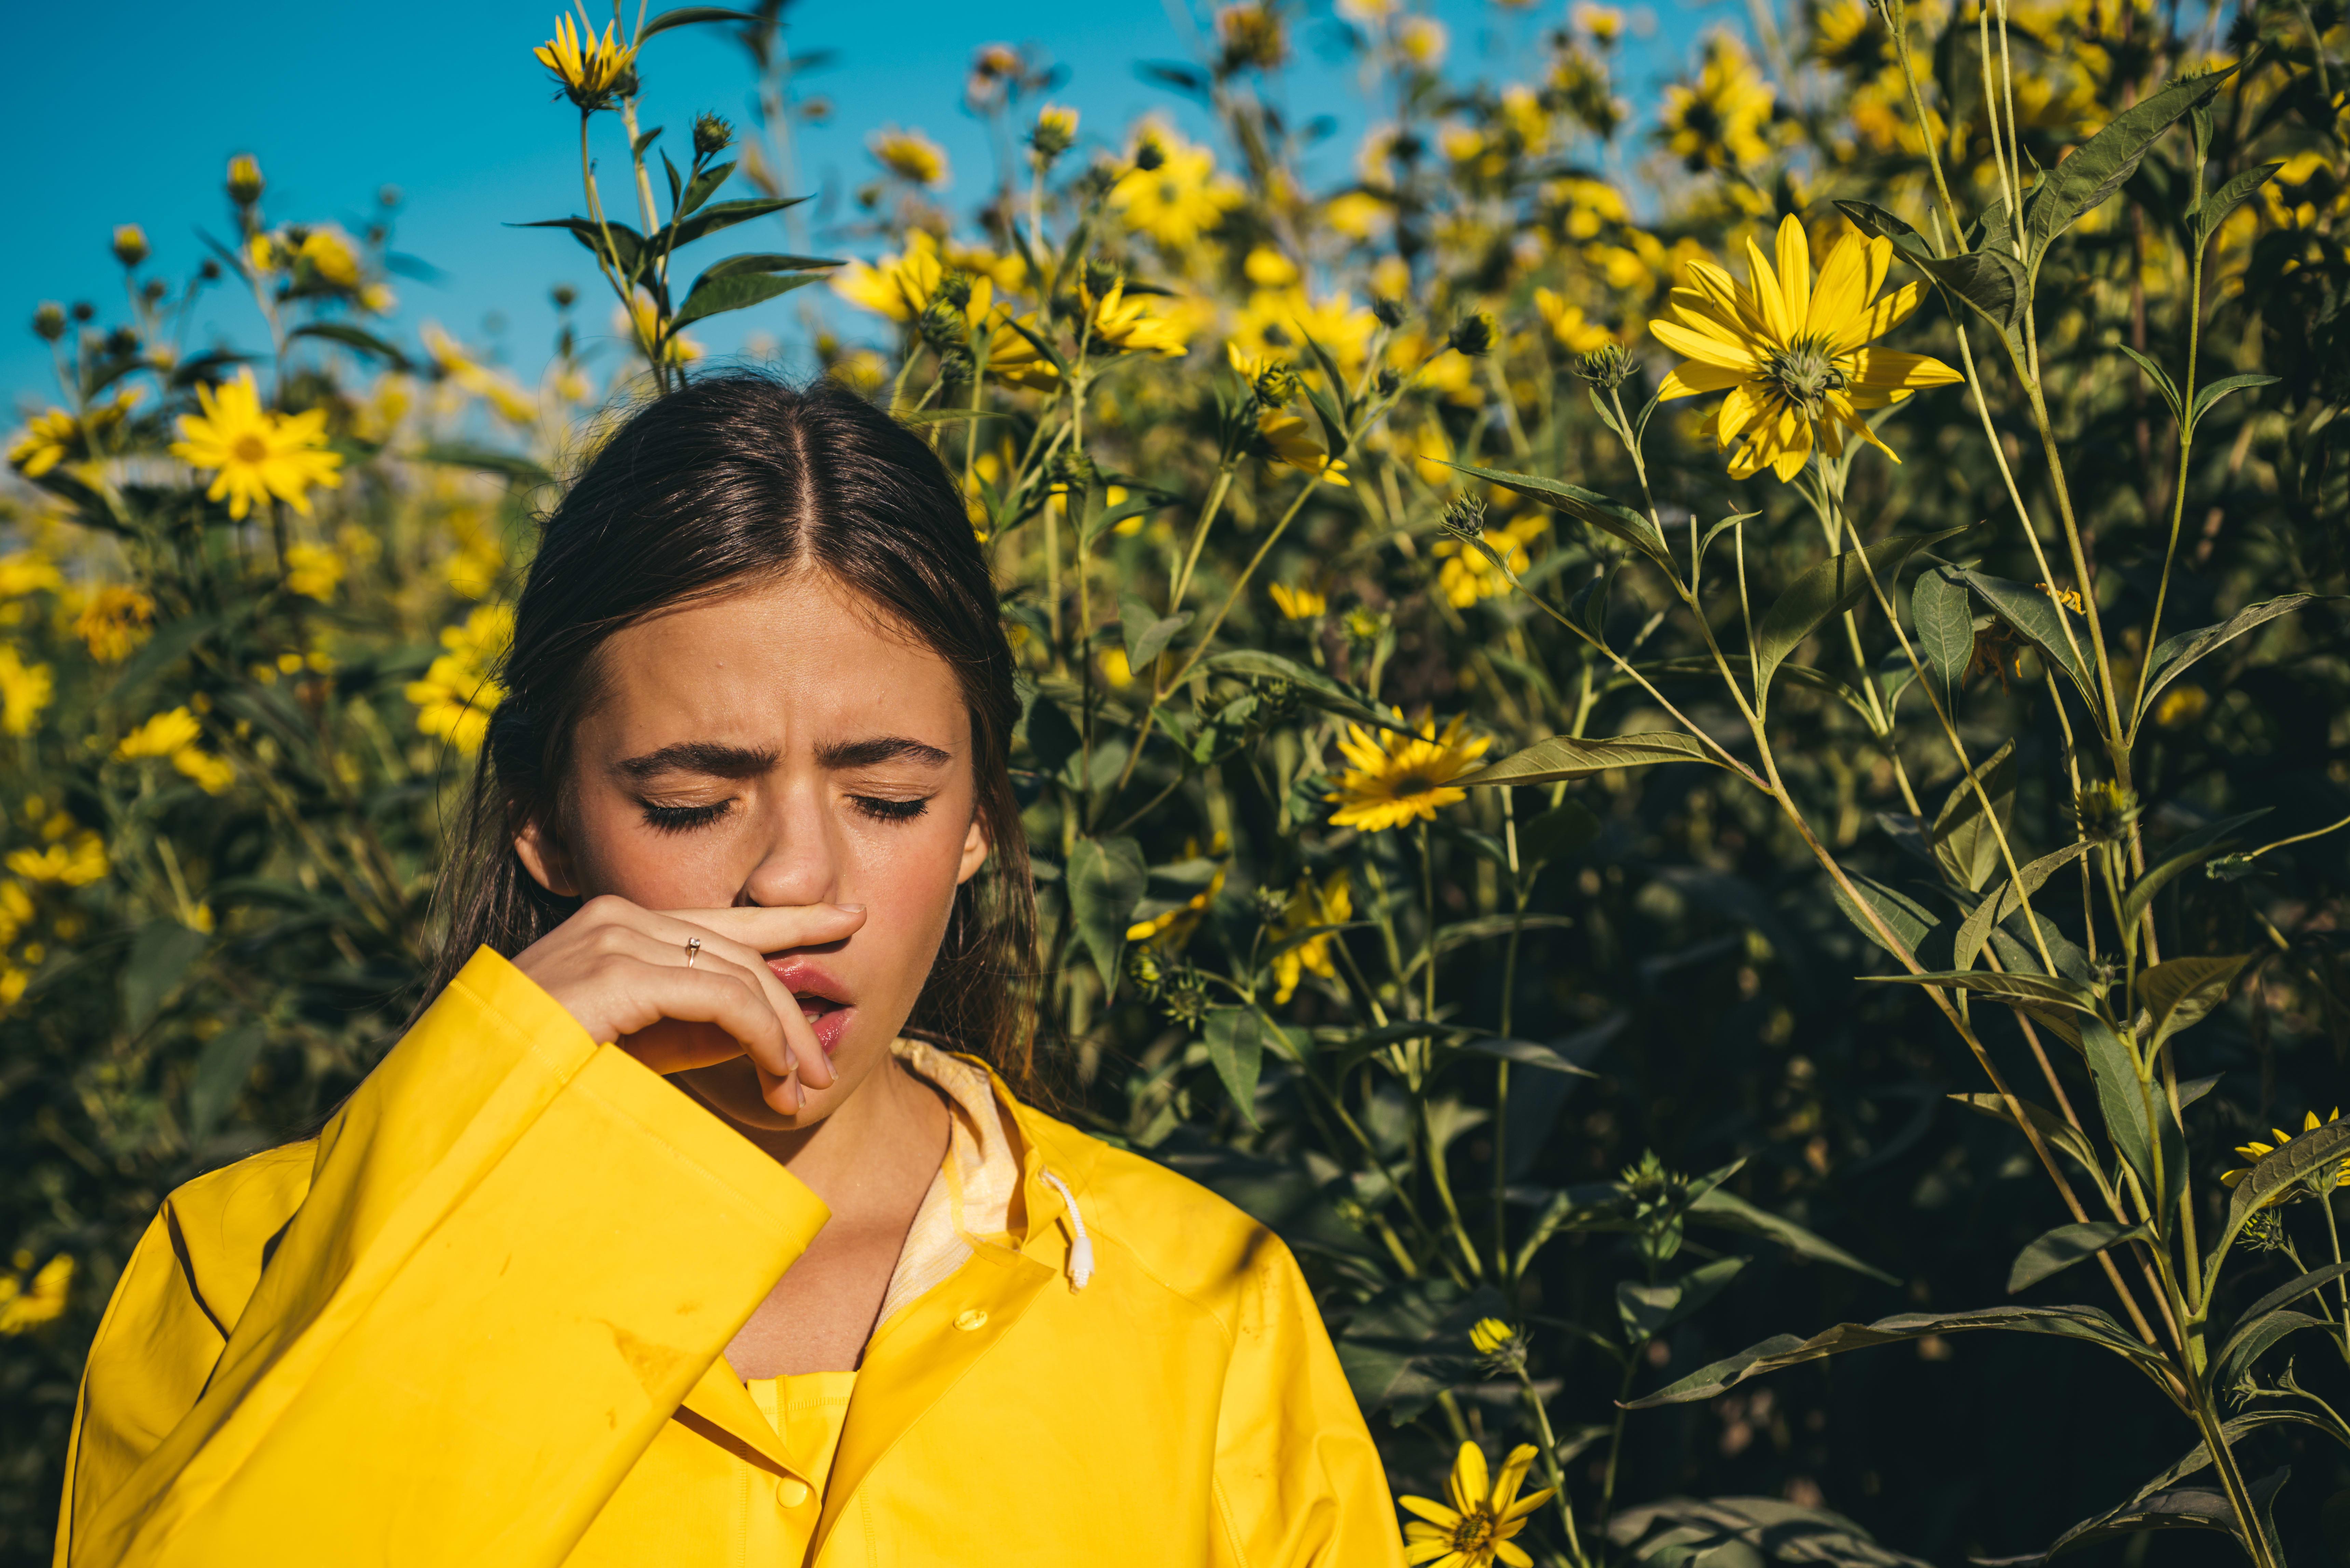 Alergias por causa del polen: cómo tratarlas